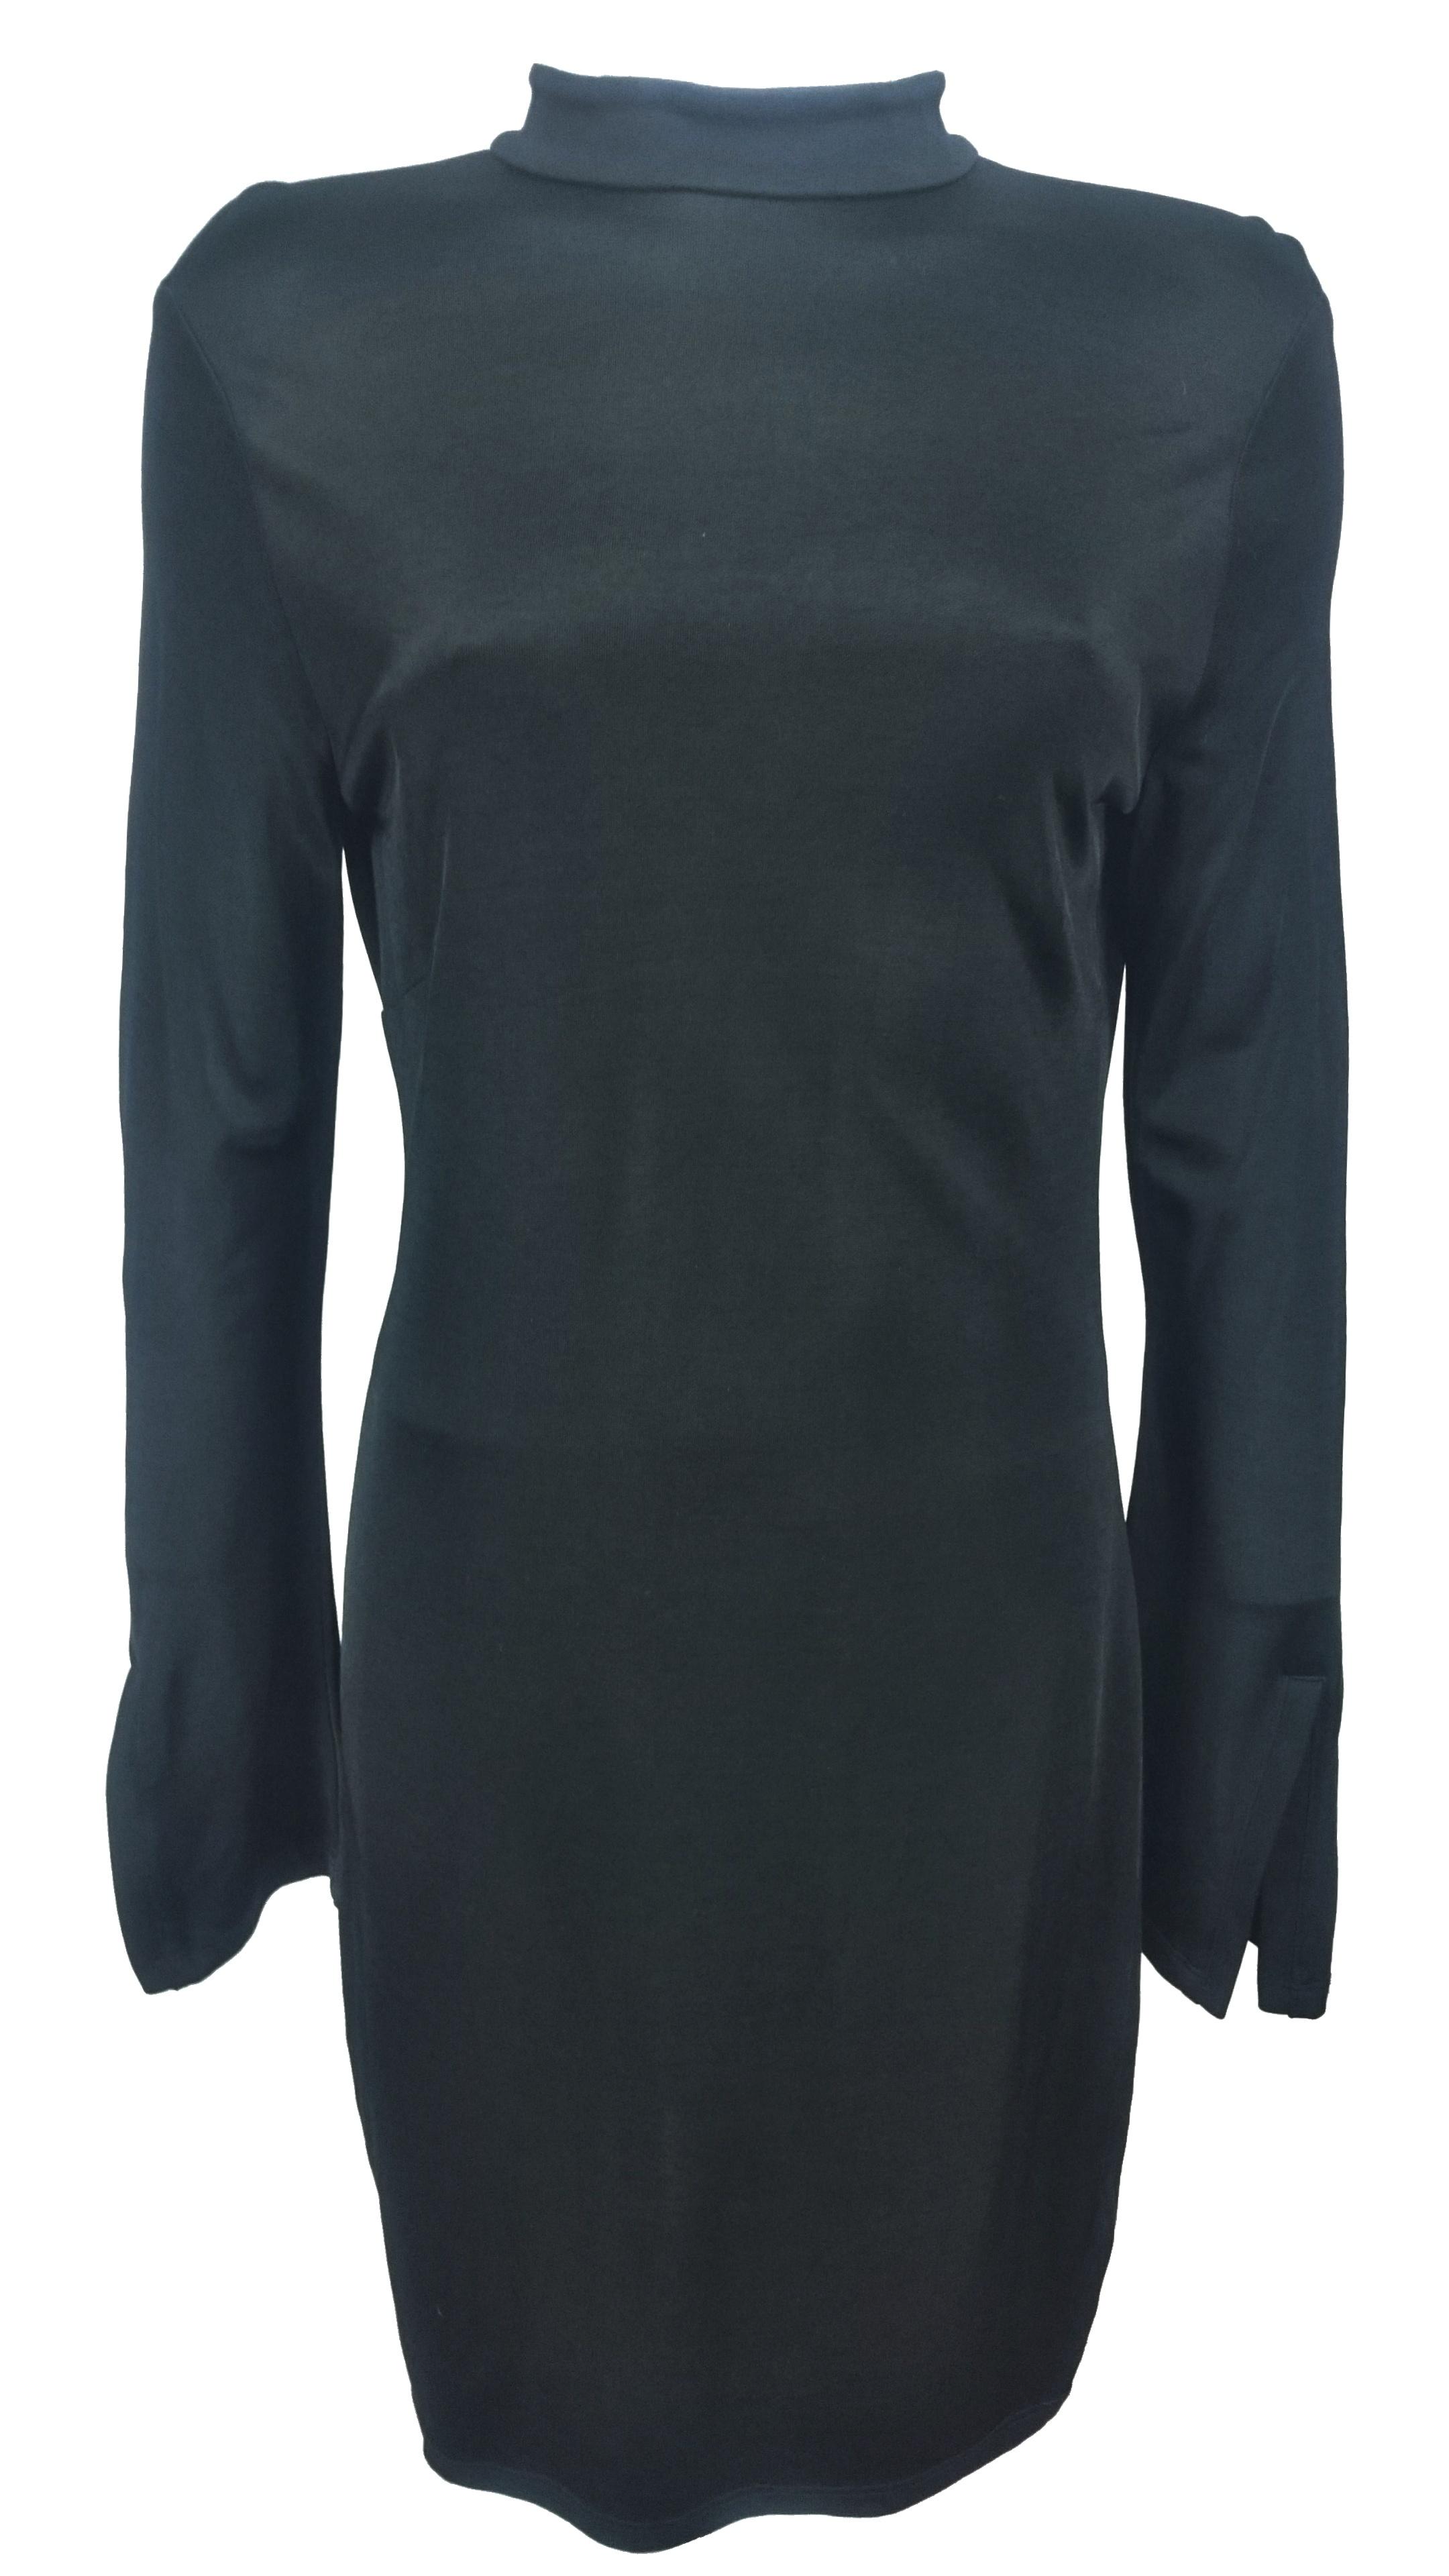 H M dámské černé šaty - Glami.cz 613829a730